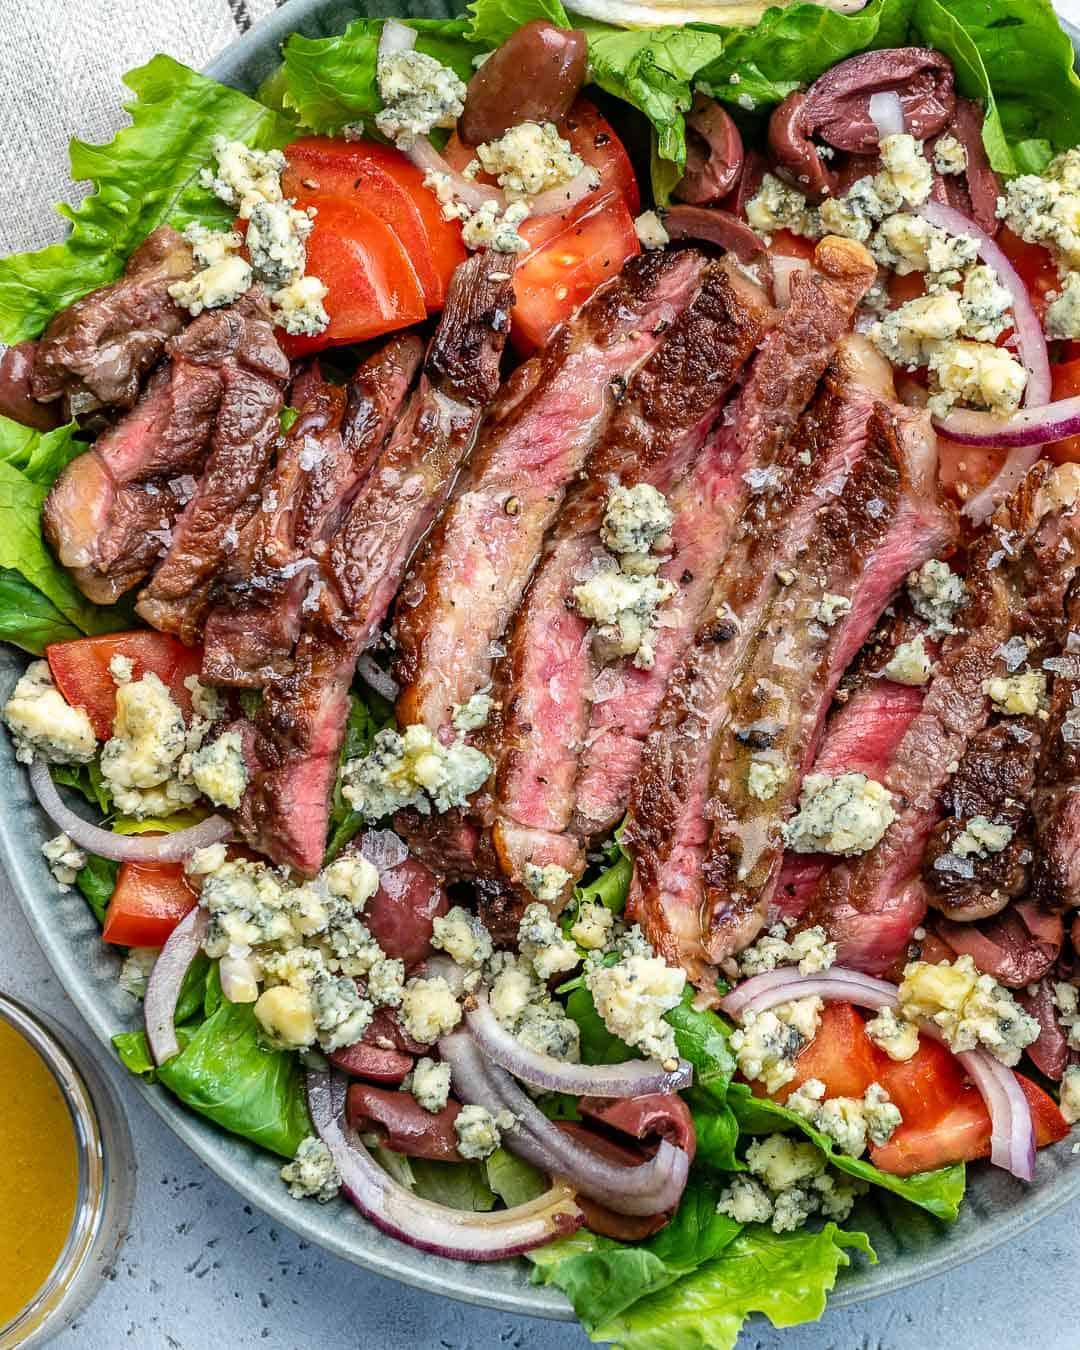 sliced steak on salad base